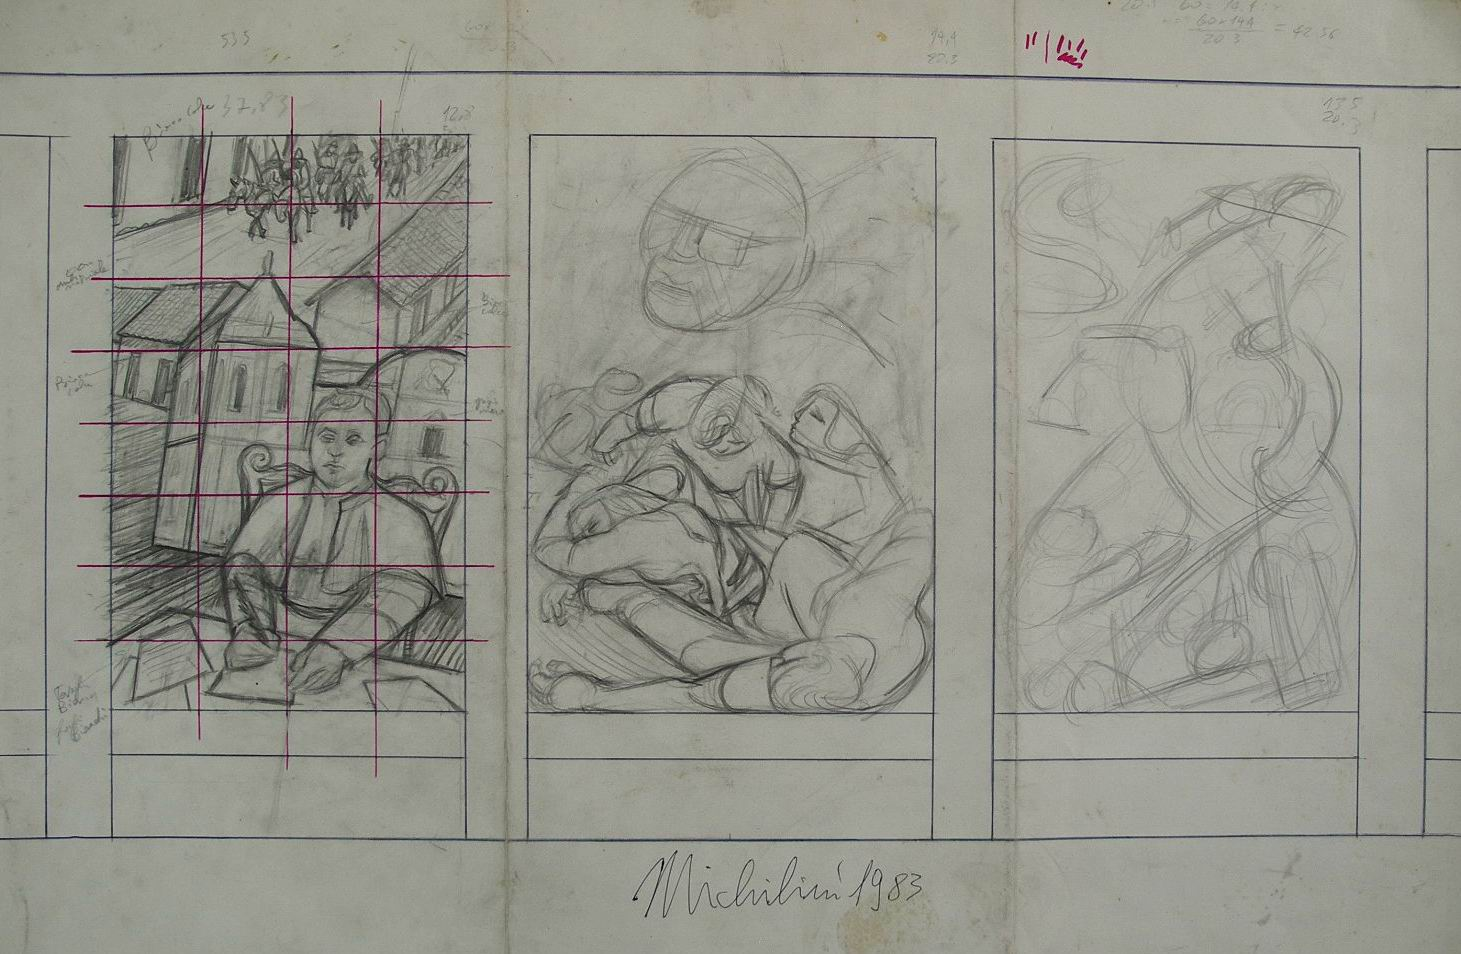 1983-47-trittico-murale-di-monsromero-bozzetto-riguro-managua-cm70x50